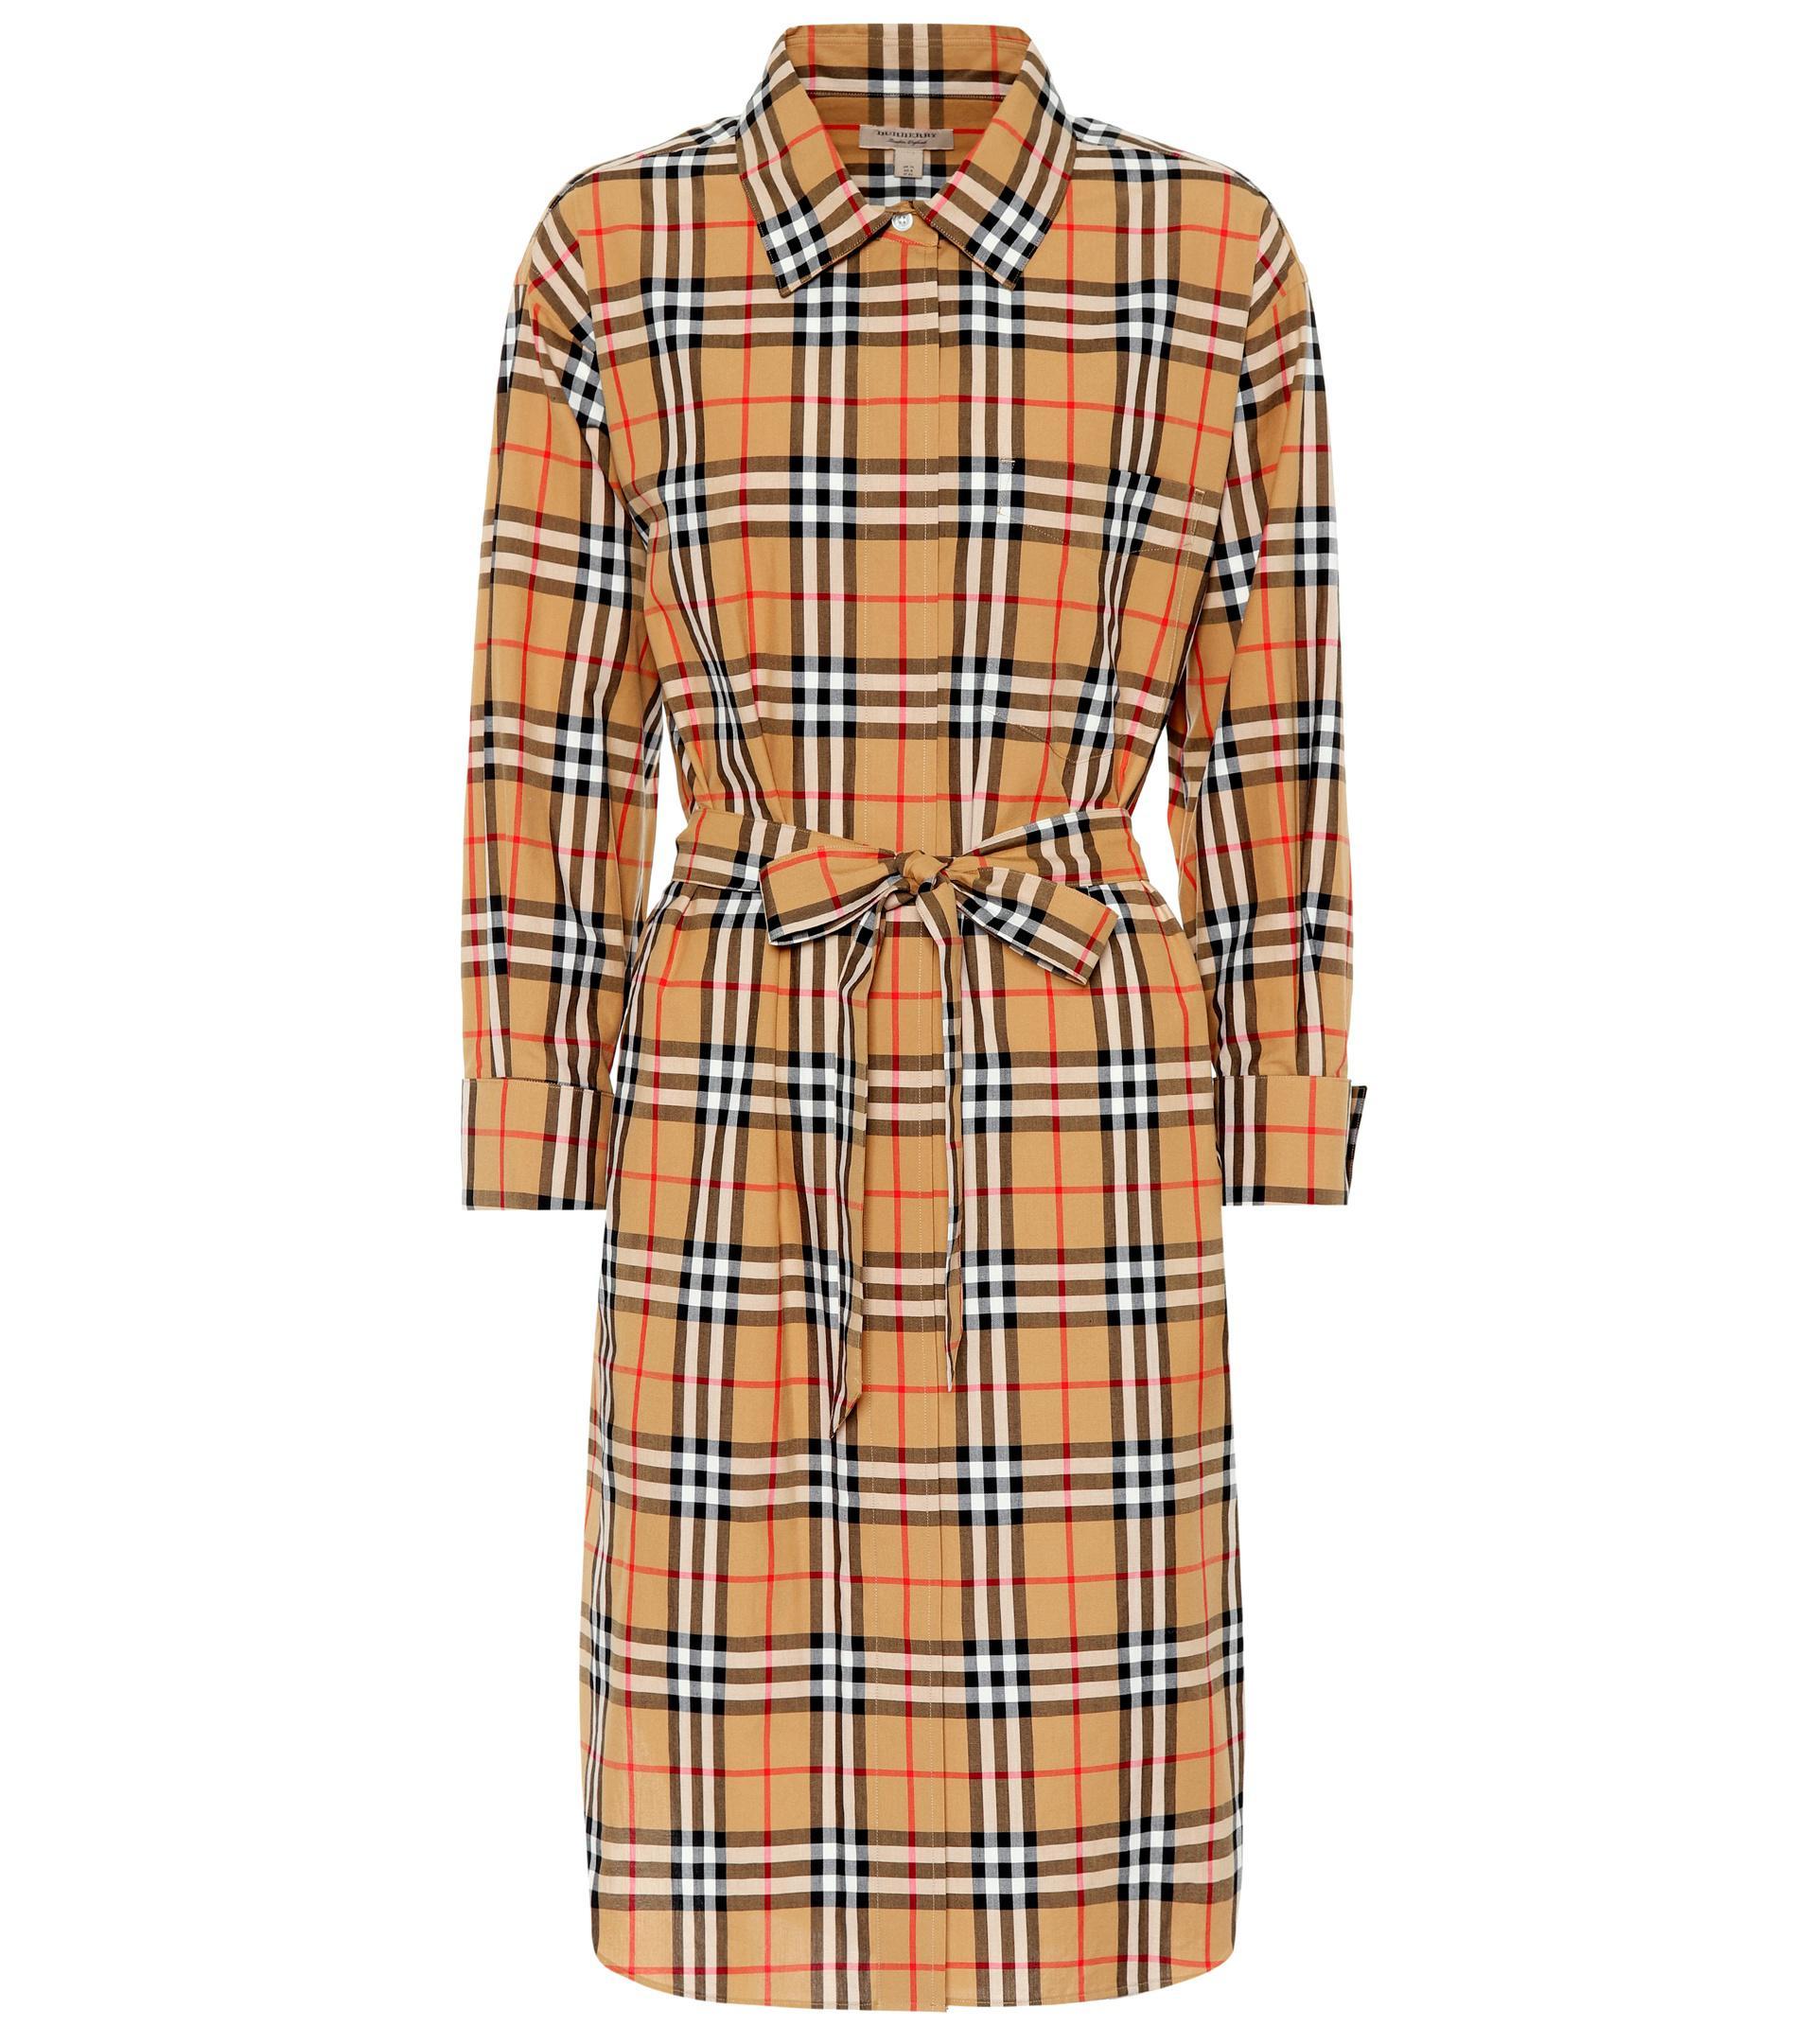 acf316572e6 Lyst - Robe chemise en coton à carreaux Burberry en coloris Marron